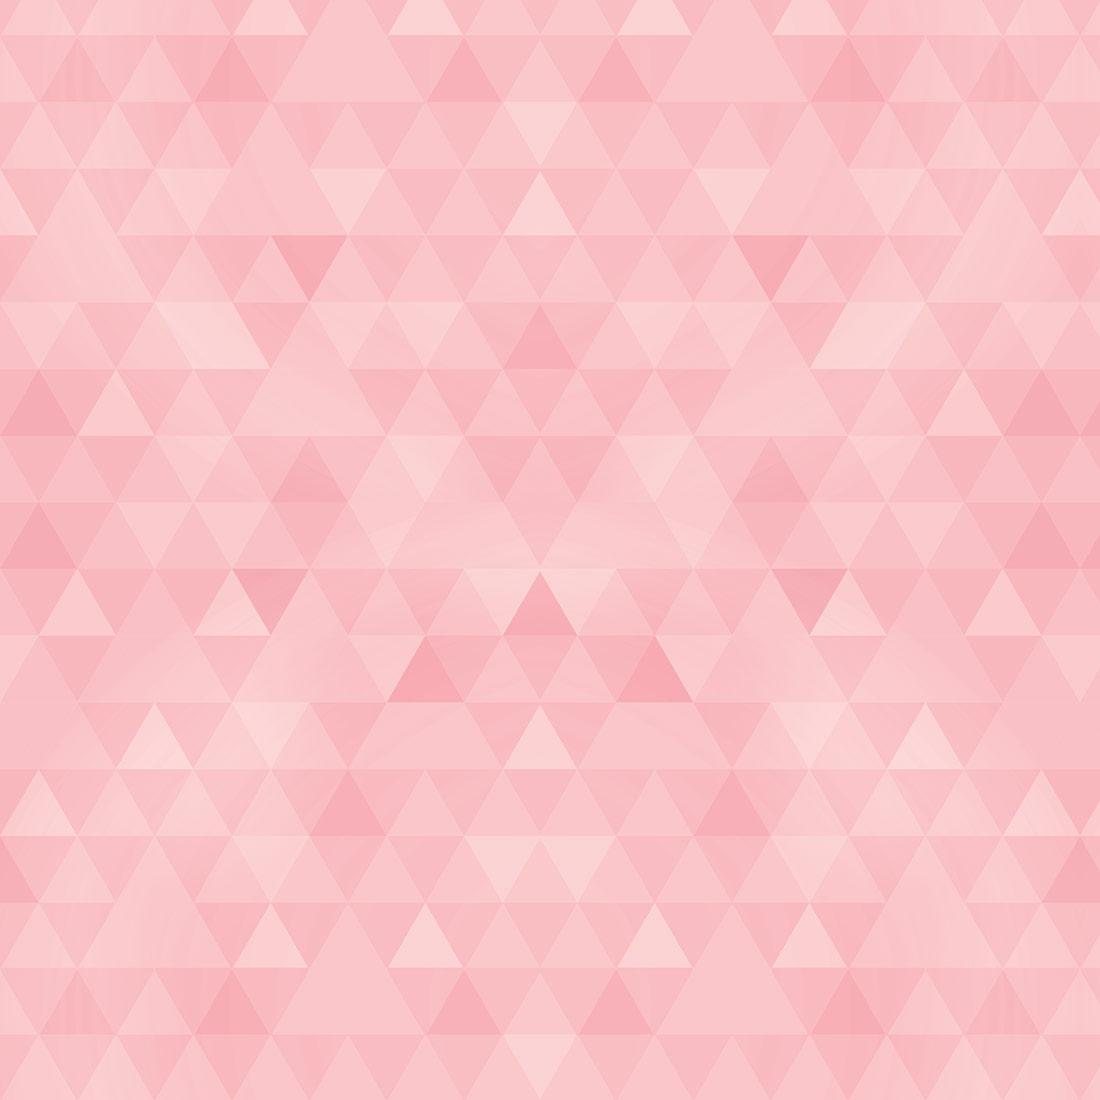 Papel de Parede Geométrico Quarto Menina Rosa